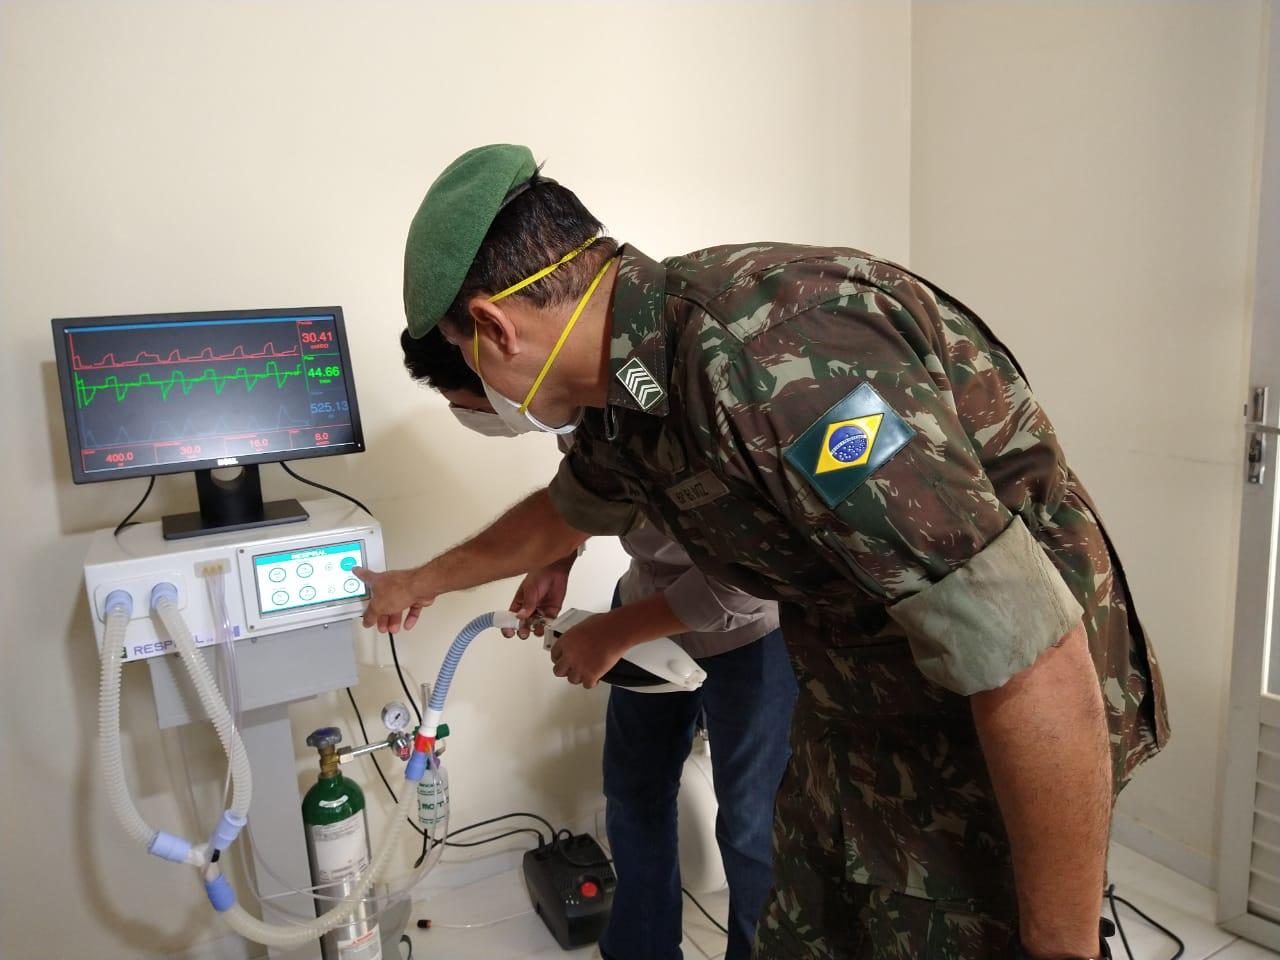 Equipe coordenada por sargento do Exército conclui protótipo e oferece projeto para produção em larga escala